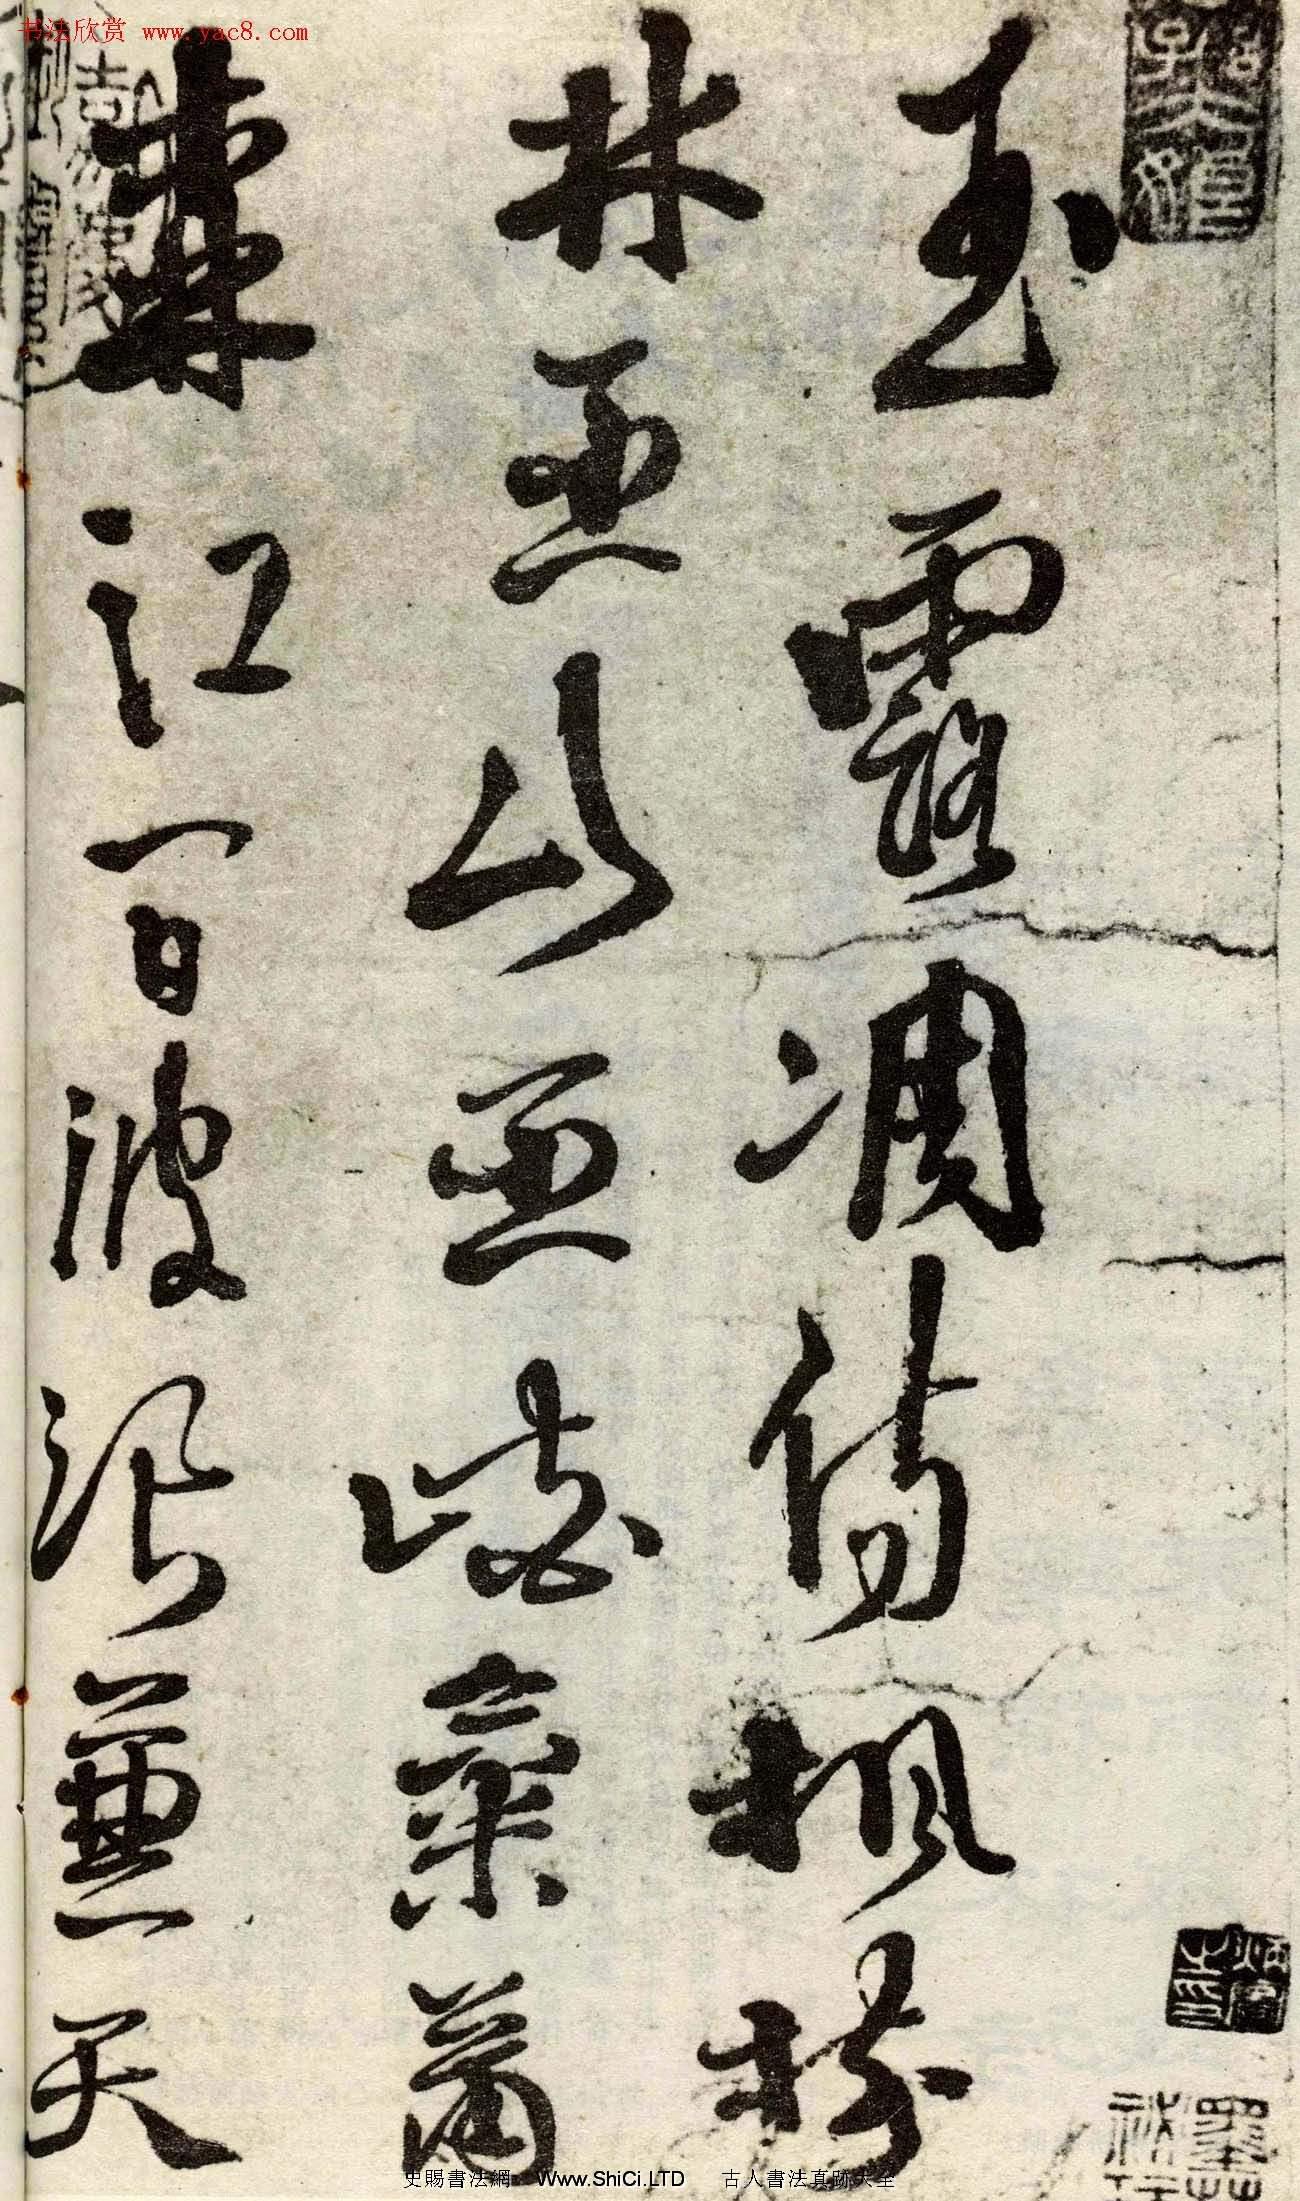 徐渭行草書杜甫《秋興八首》冊頁(共22張圖片)